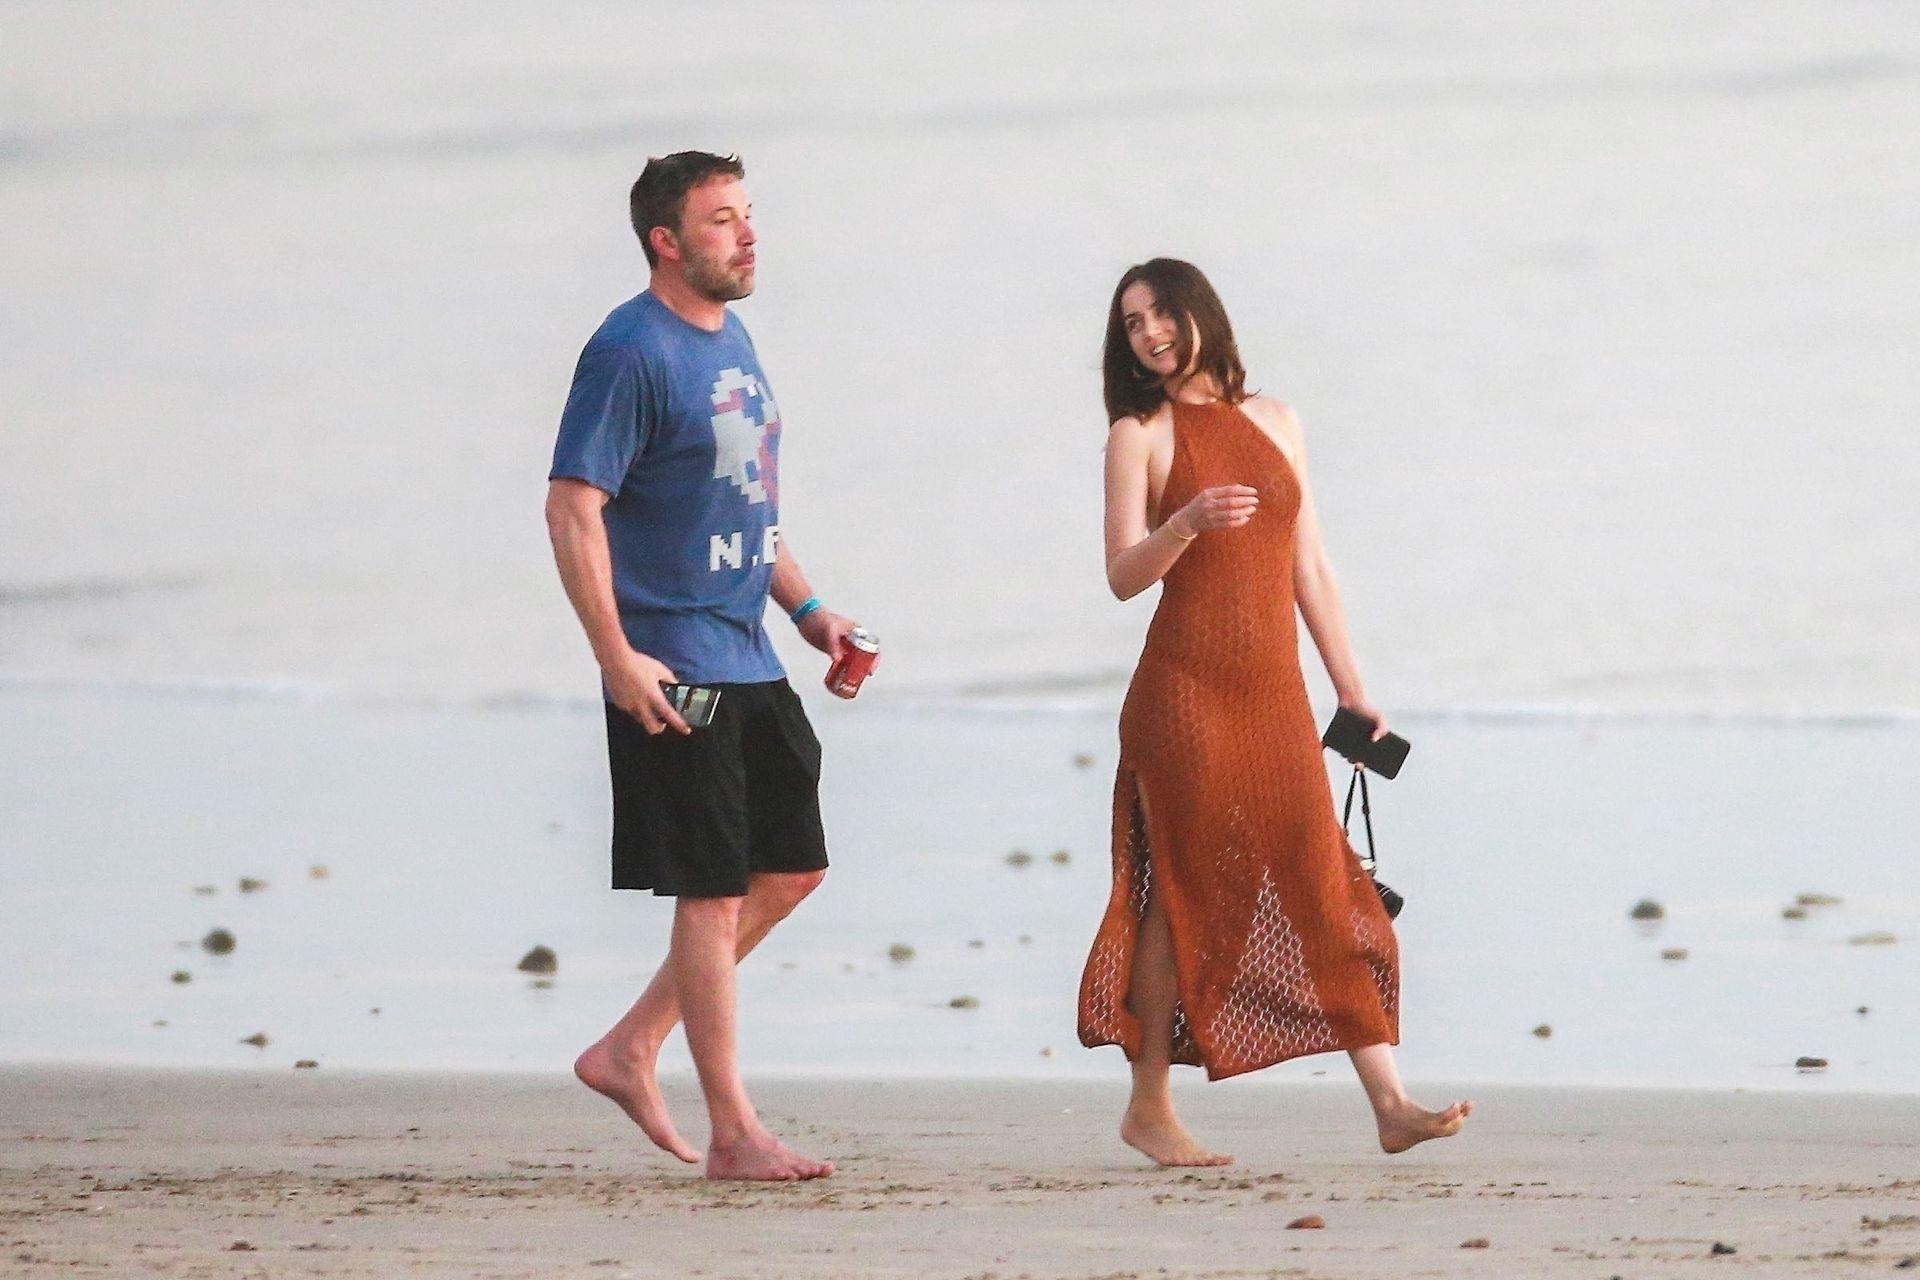 Ben Affleck & Ana De Armas Enjoy A Pda Moment During Romantic Beach Stroll In Costa Rica 0017